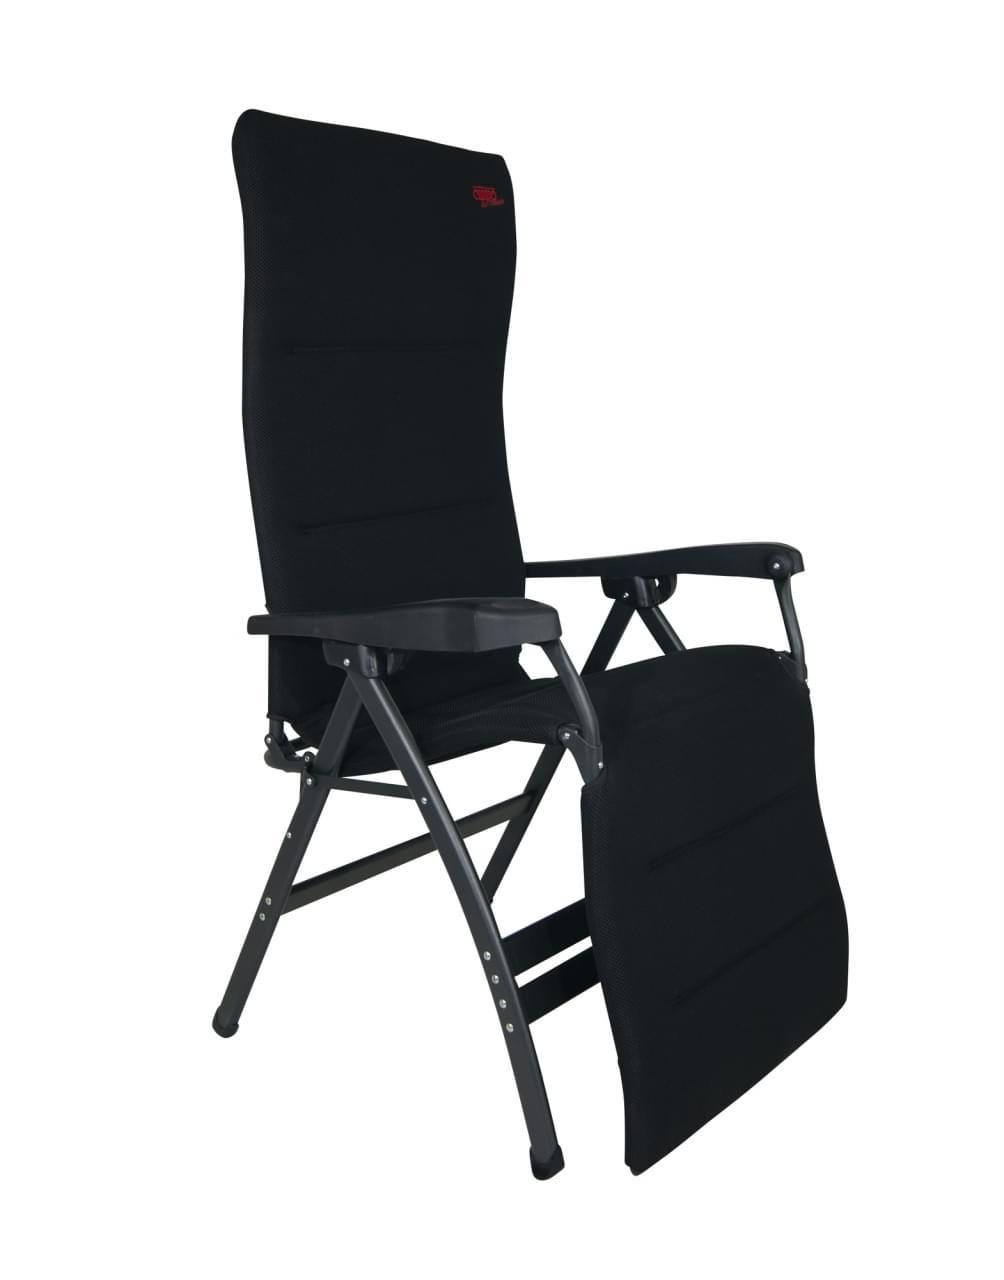 Crespo AP 252 XL Air deLuxe Relaxstoel Zwart